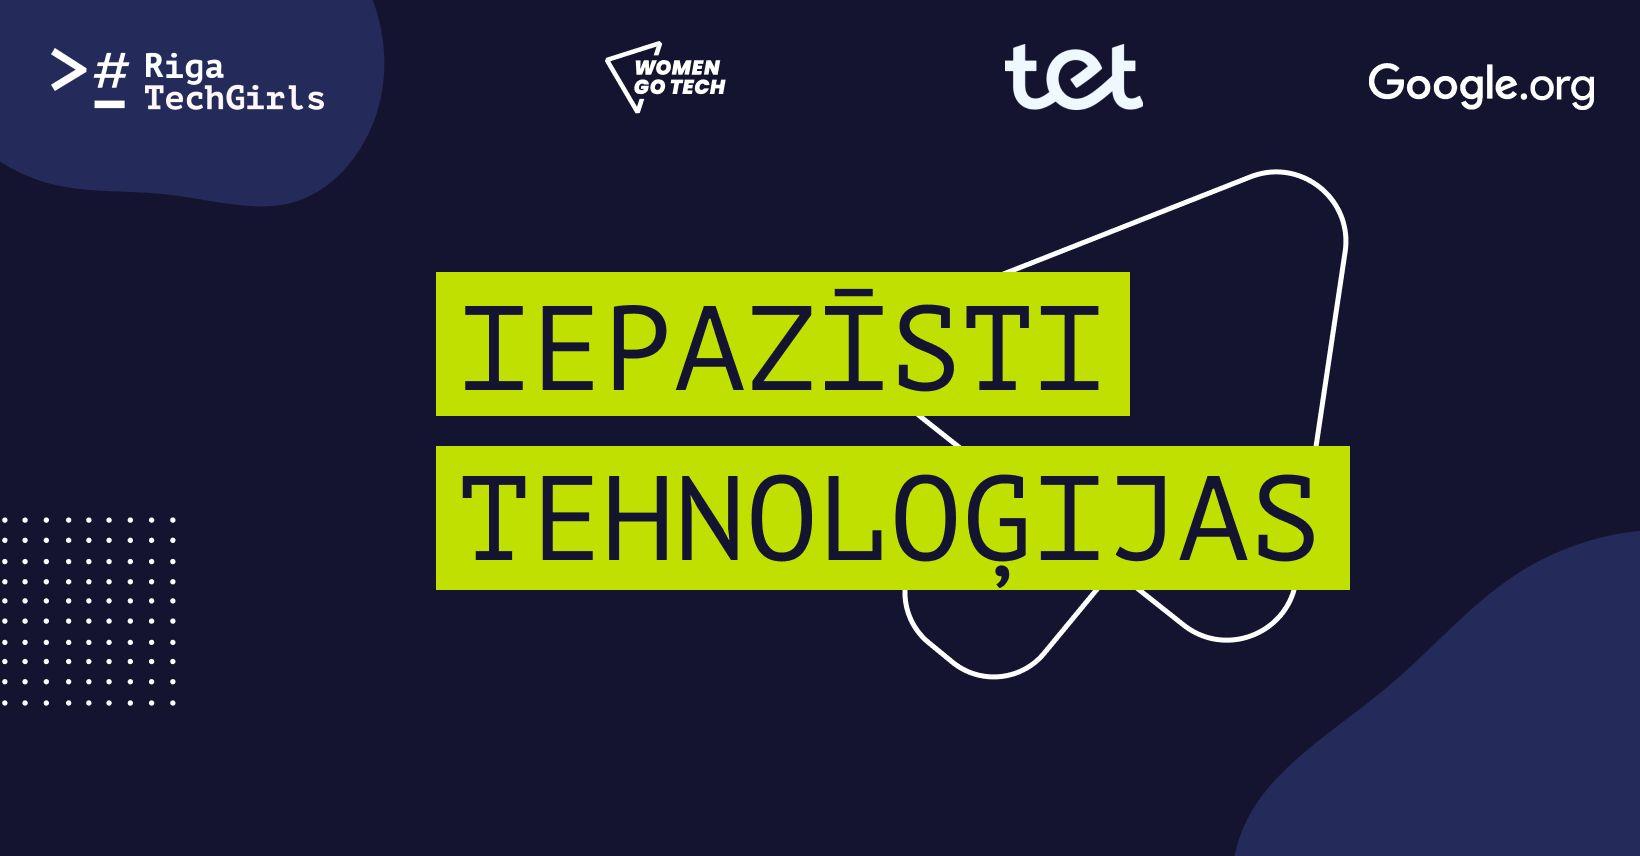 """Projektā """"Iepazīsti tehnoloģijas"""" jaunas prasmes apgūst teju 6000 dalībnieču"""